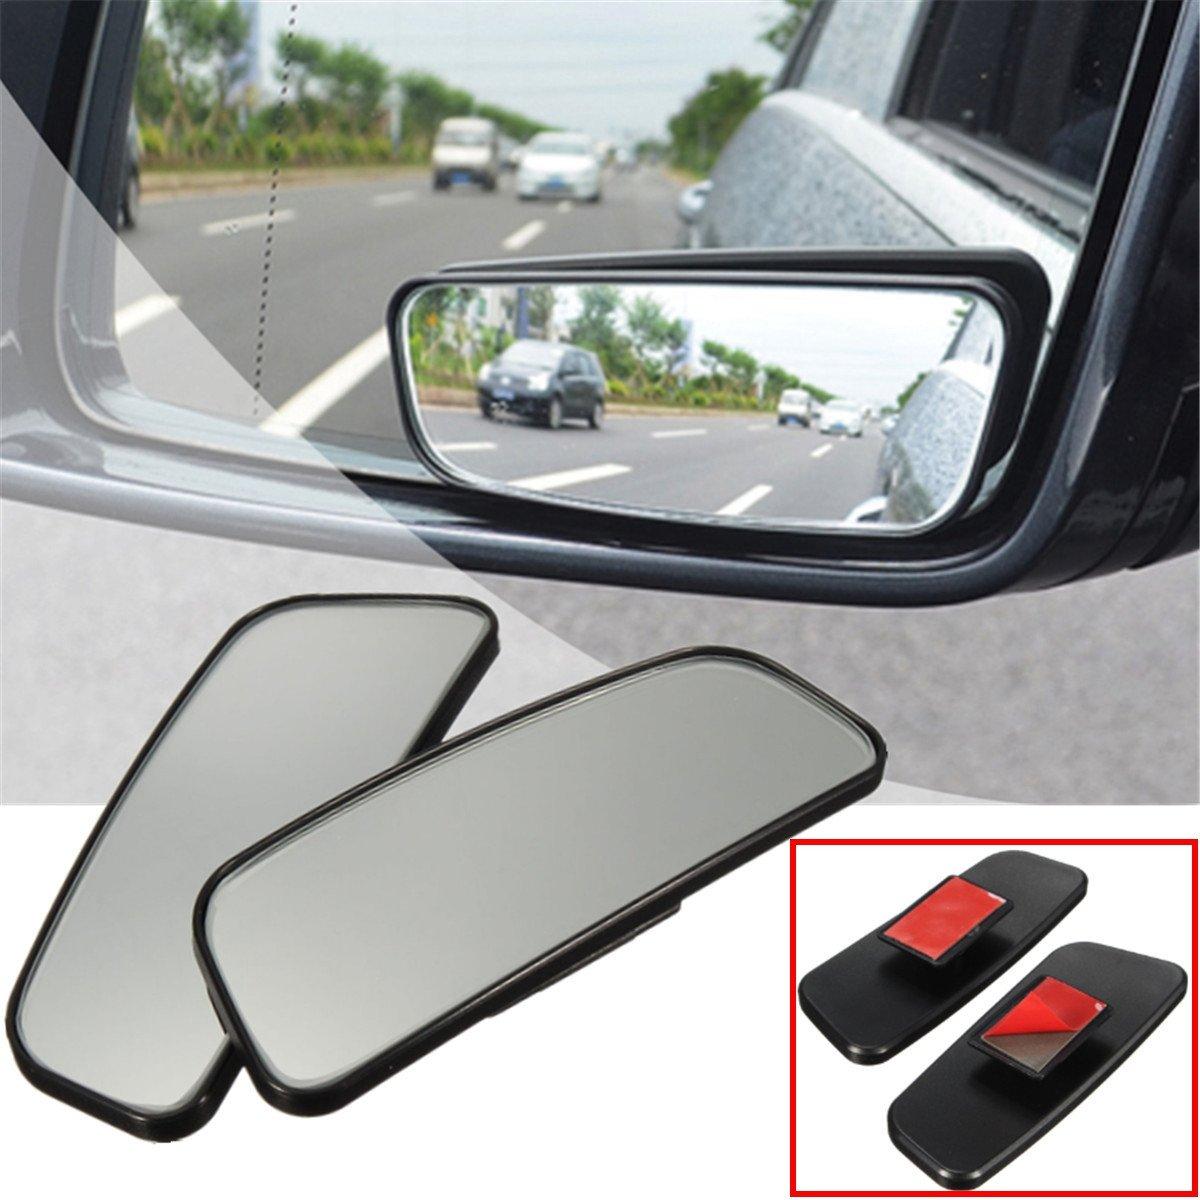 Audew 2x Miroir R/étroviseurs Ext/érieur Auxiliaire Miroir d/'Angle Mort Mirror Blind Spot Pour Voiture Camion